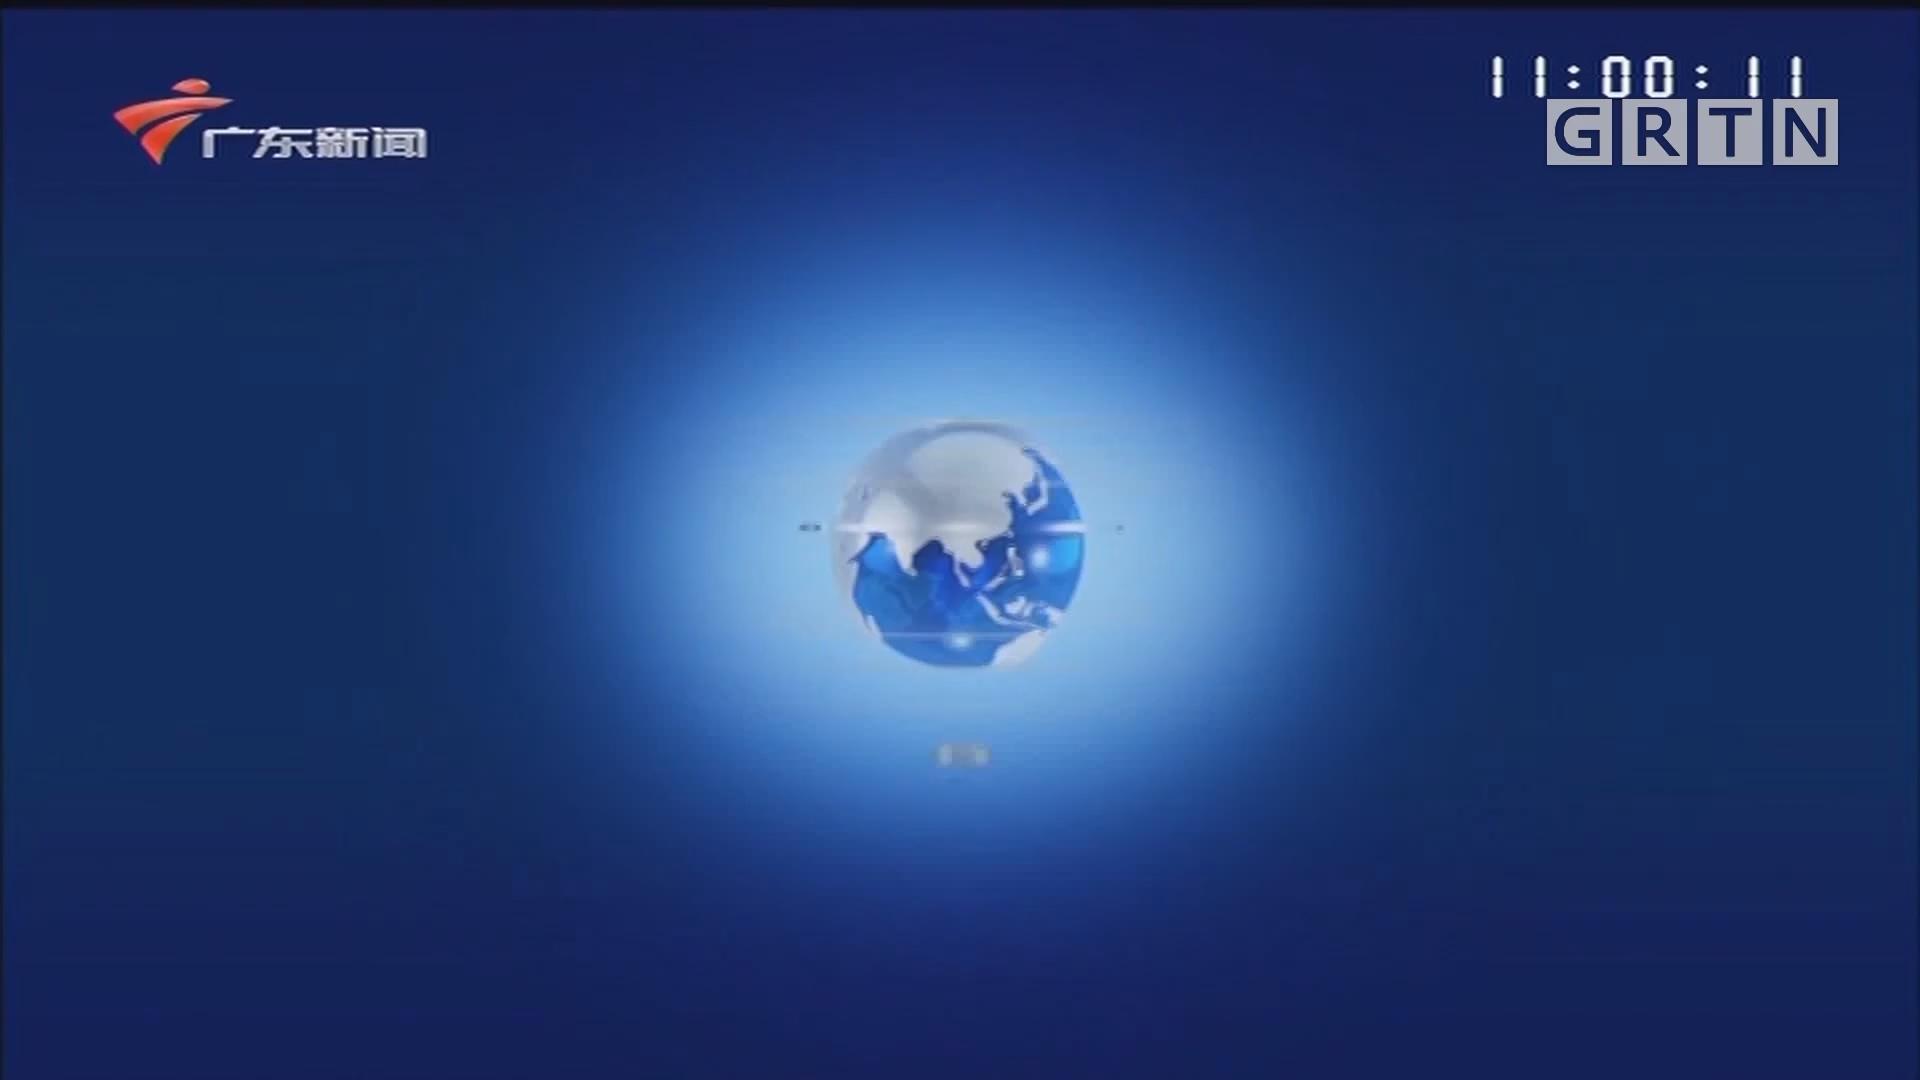 [HD][2020-01-22-11:00]正点播报:广东 多措并举坚决防止疫情扩散蔓延